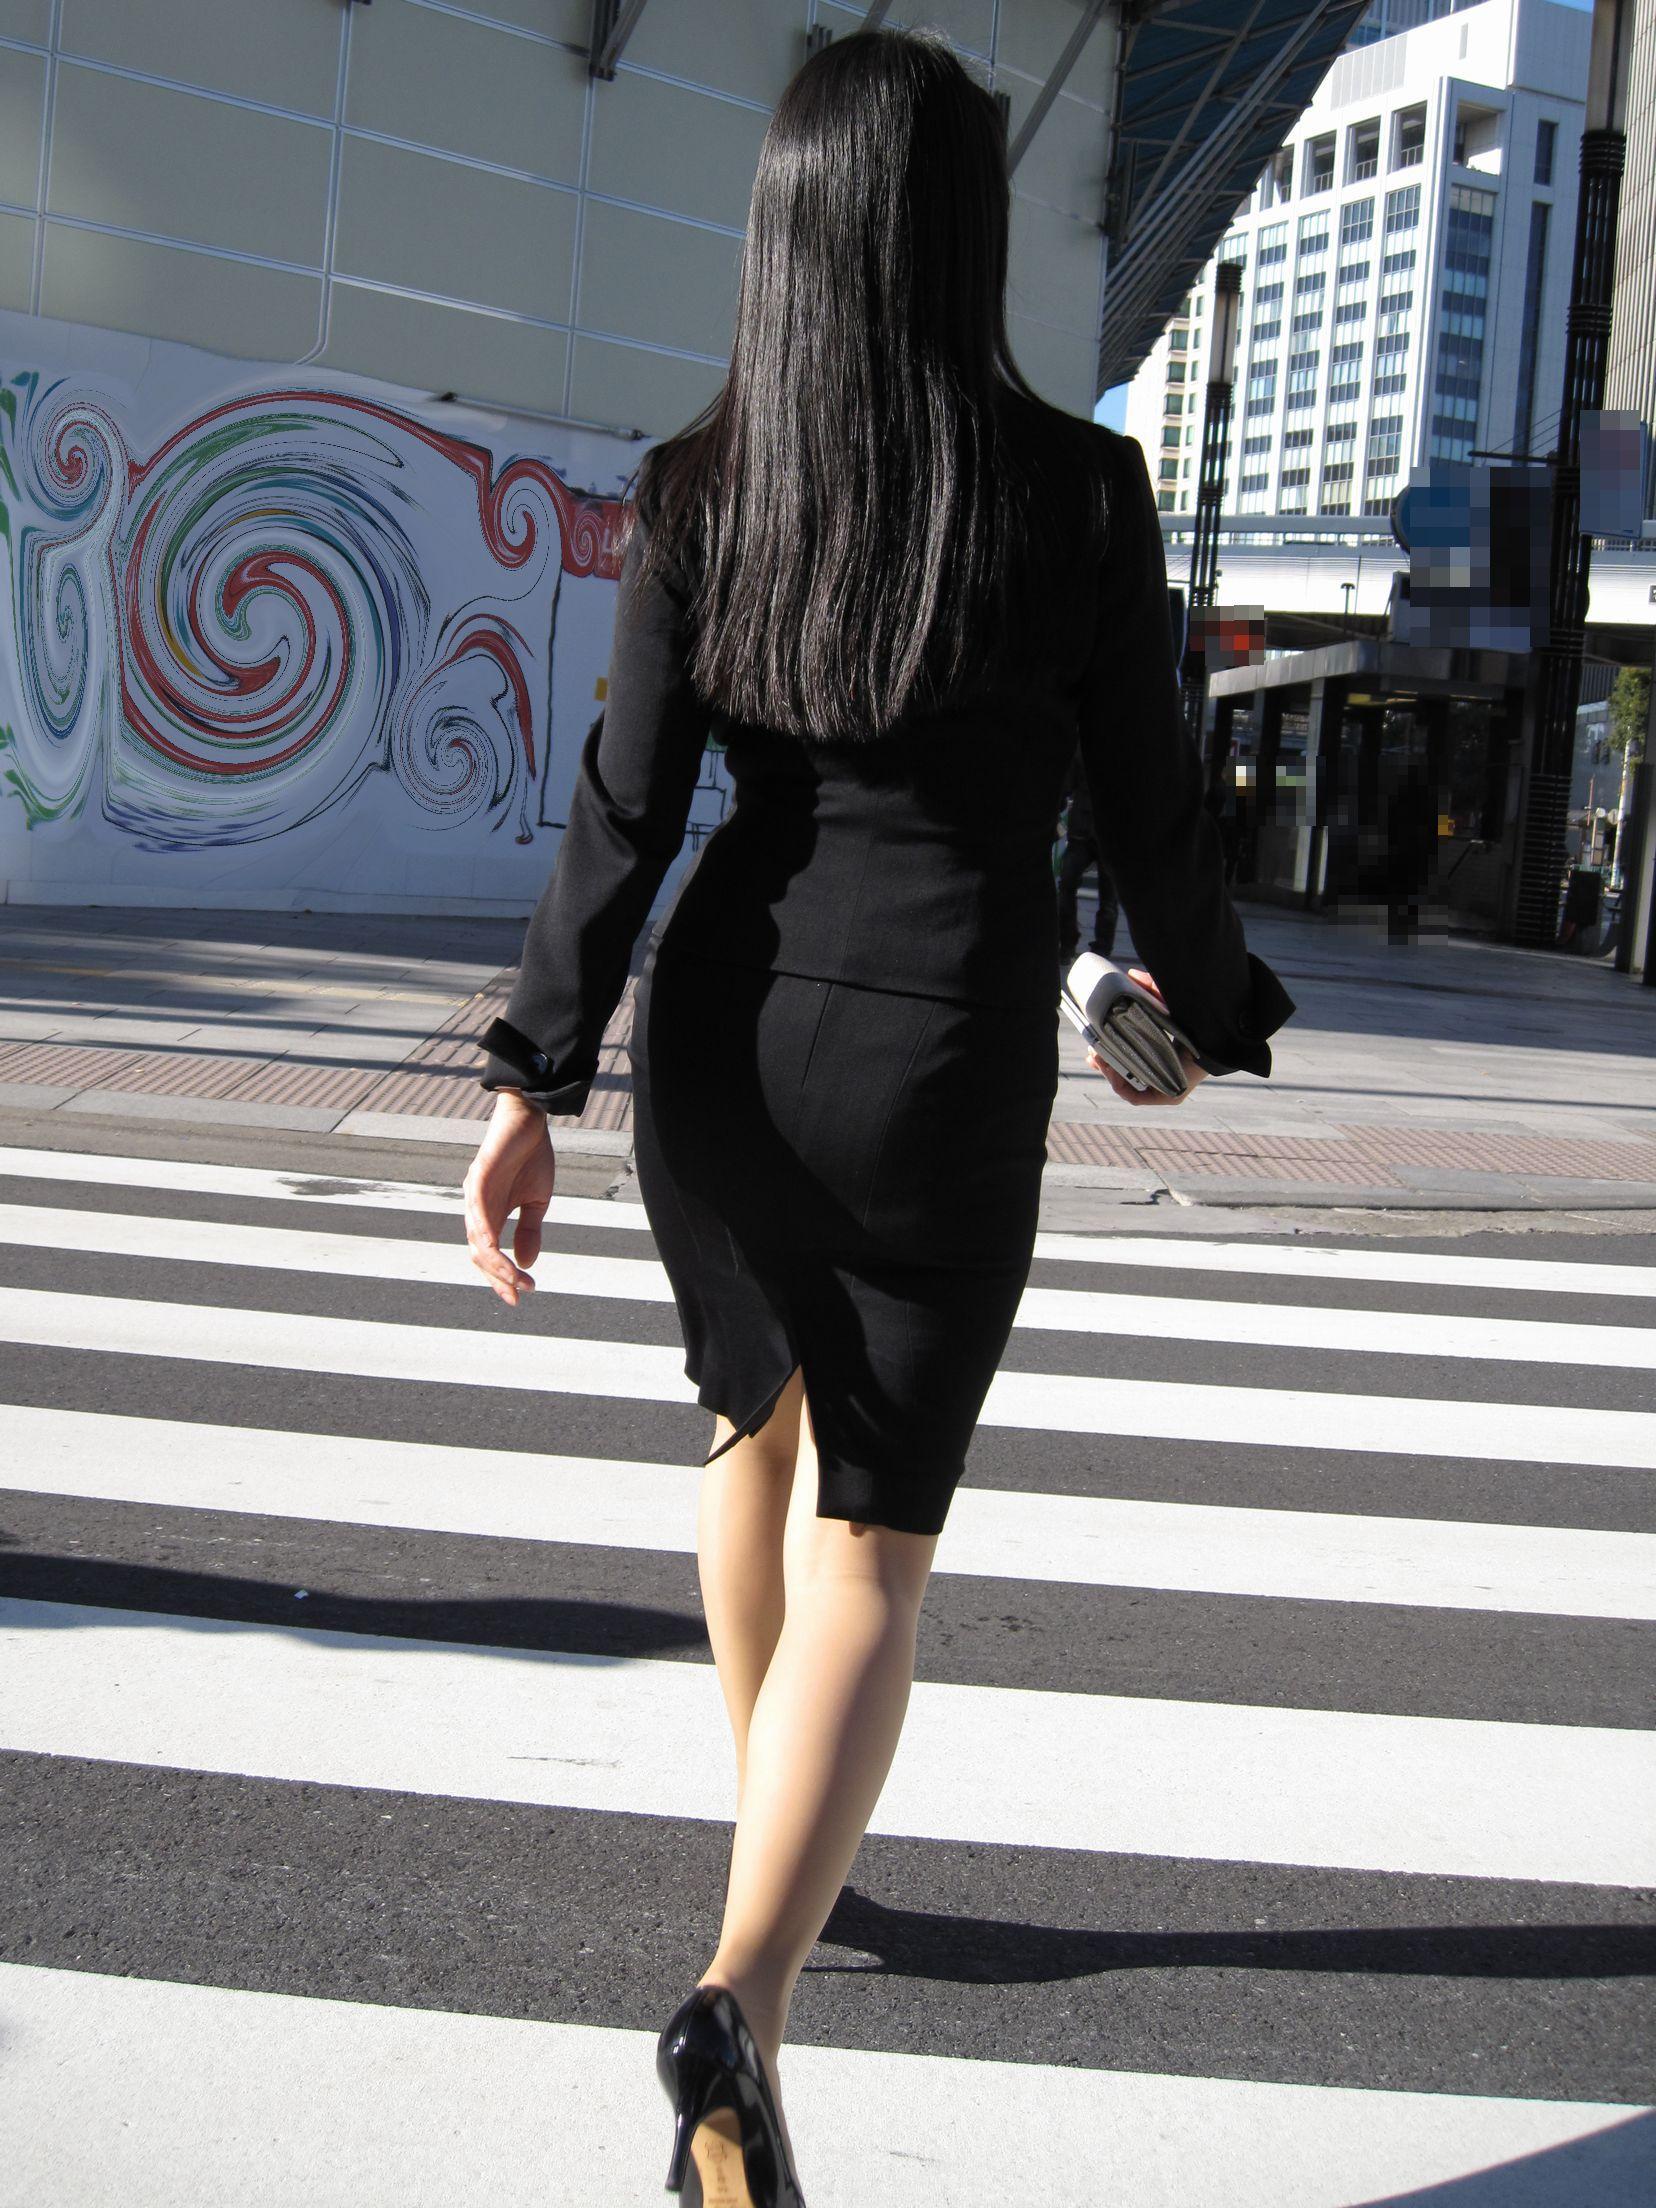 タイトスカートがピチピチのムチエロOLお姉さん6枚目